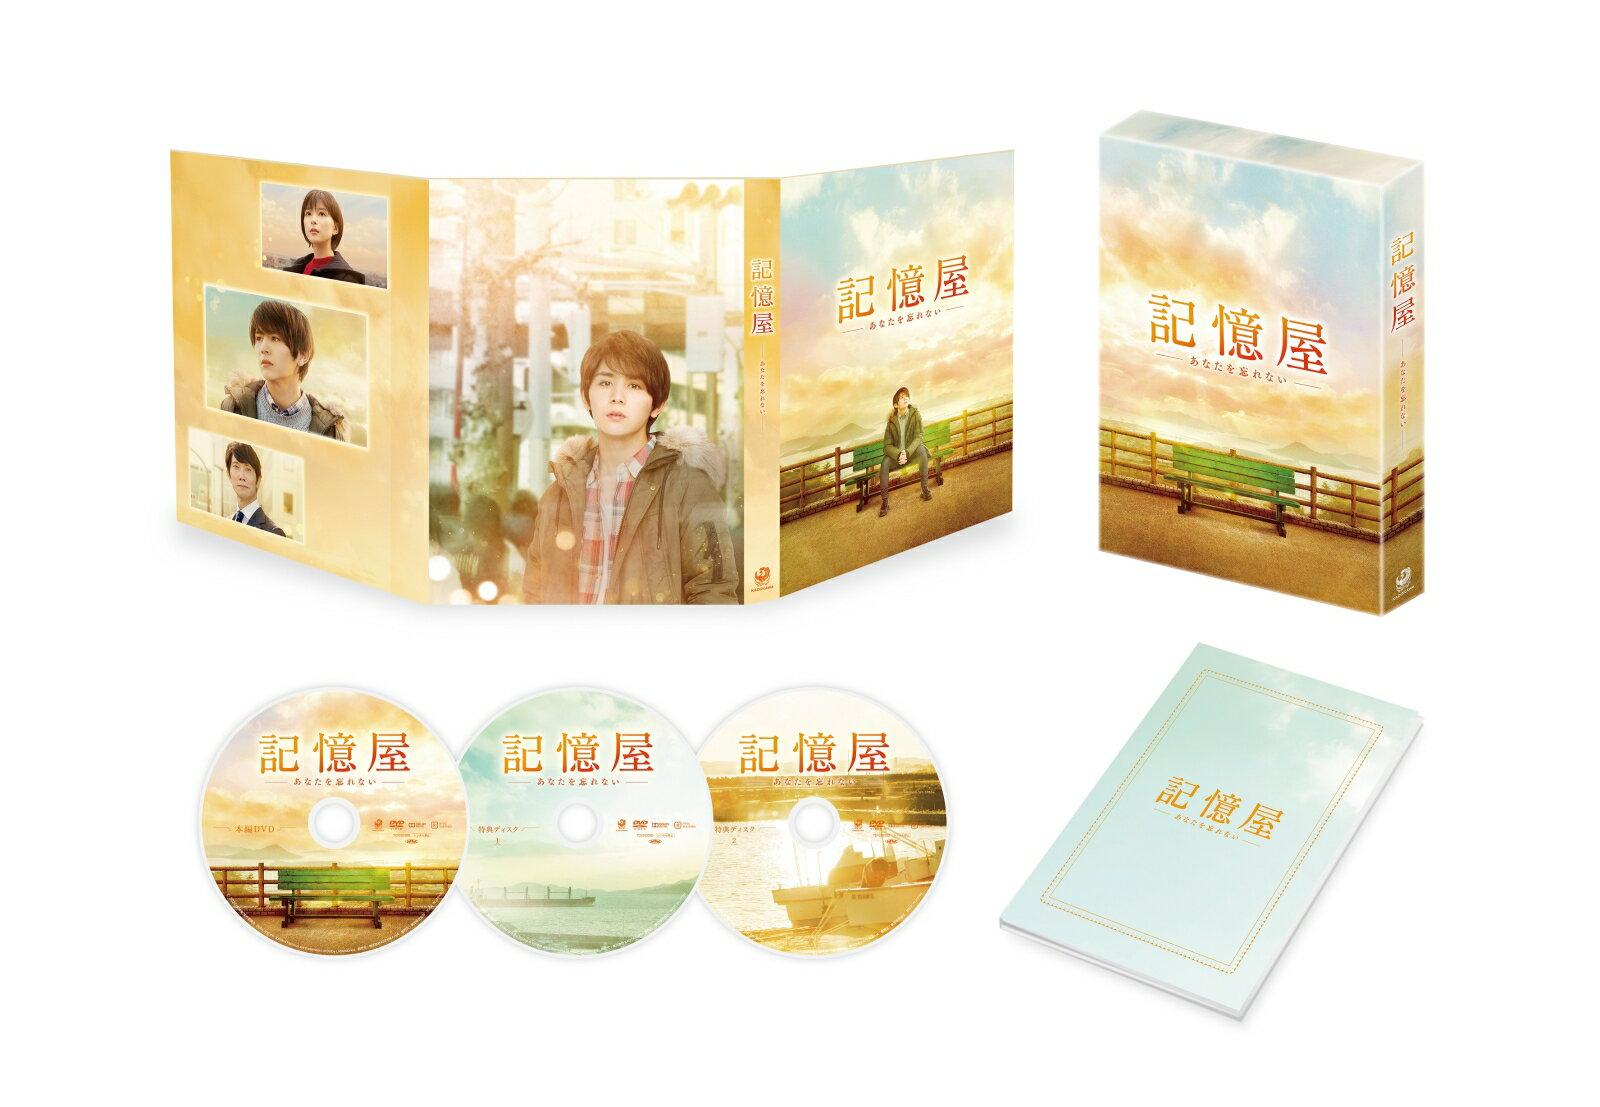 記憶屋 あなたを忘れない Blu-ray豪華版(特典DVD2枚付)【Blu-ray】